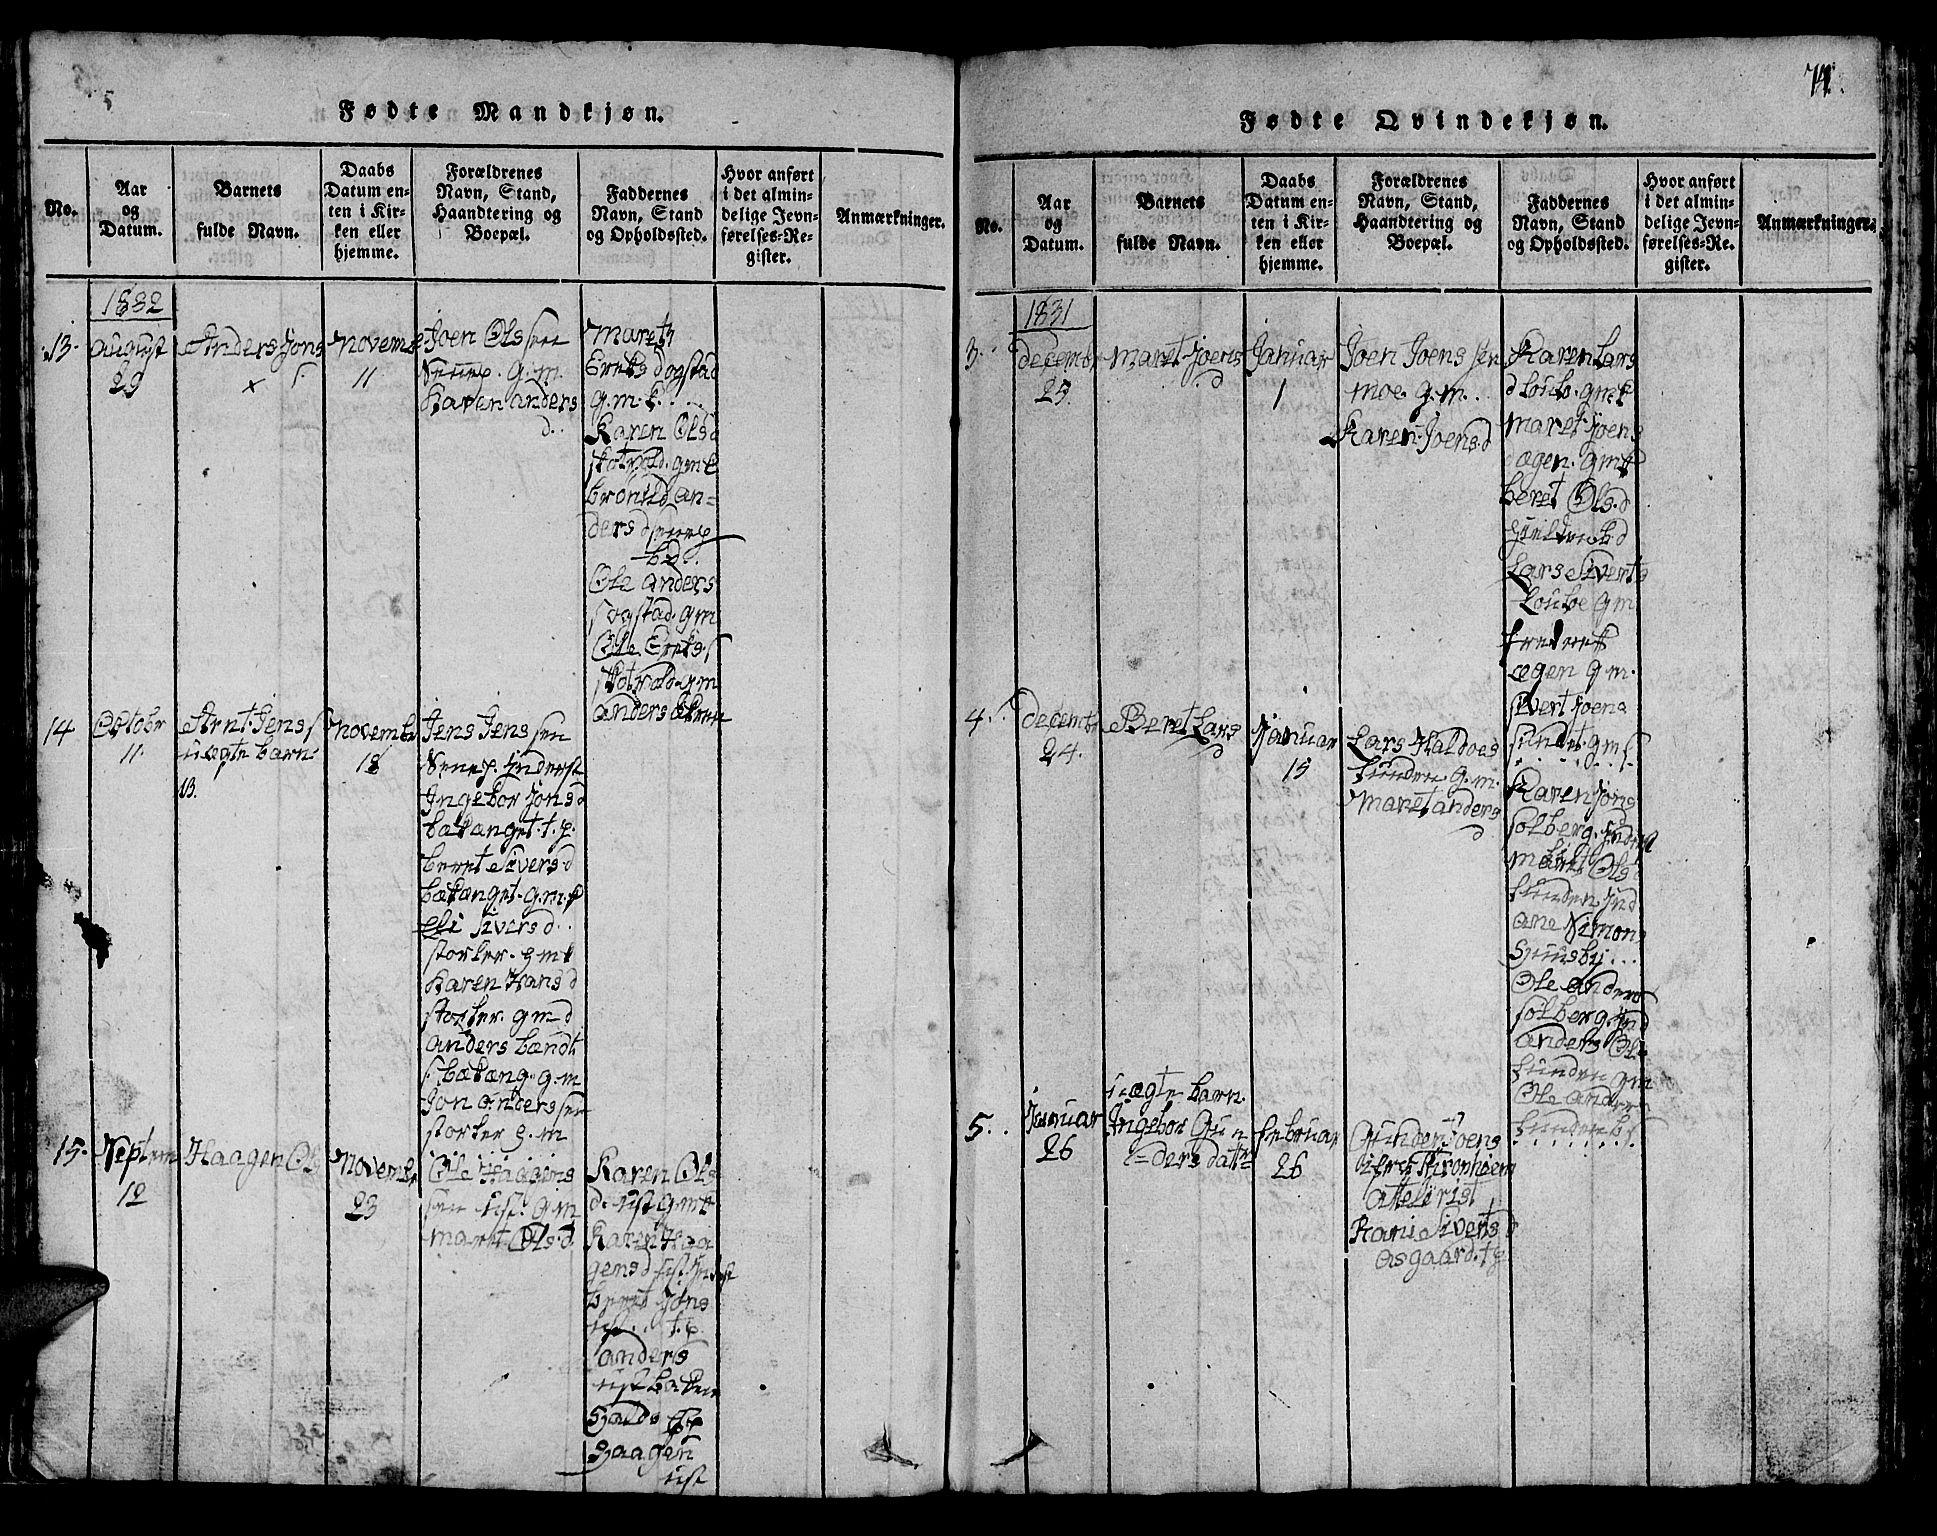 SAT, Ministerialprotokoller, klokkerbøker og fødselsregistre - Sør-Trøndelag, 613/L0393: Klokkerbok nr. 613C01, 1816-1886, s. 74